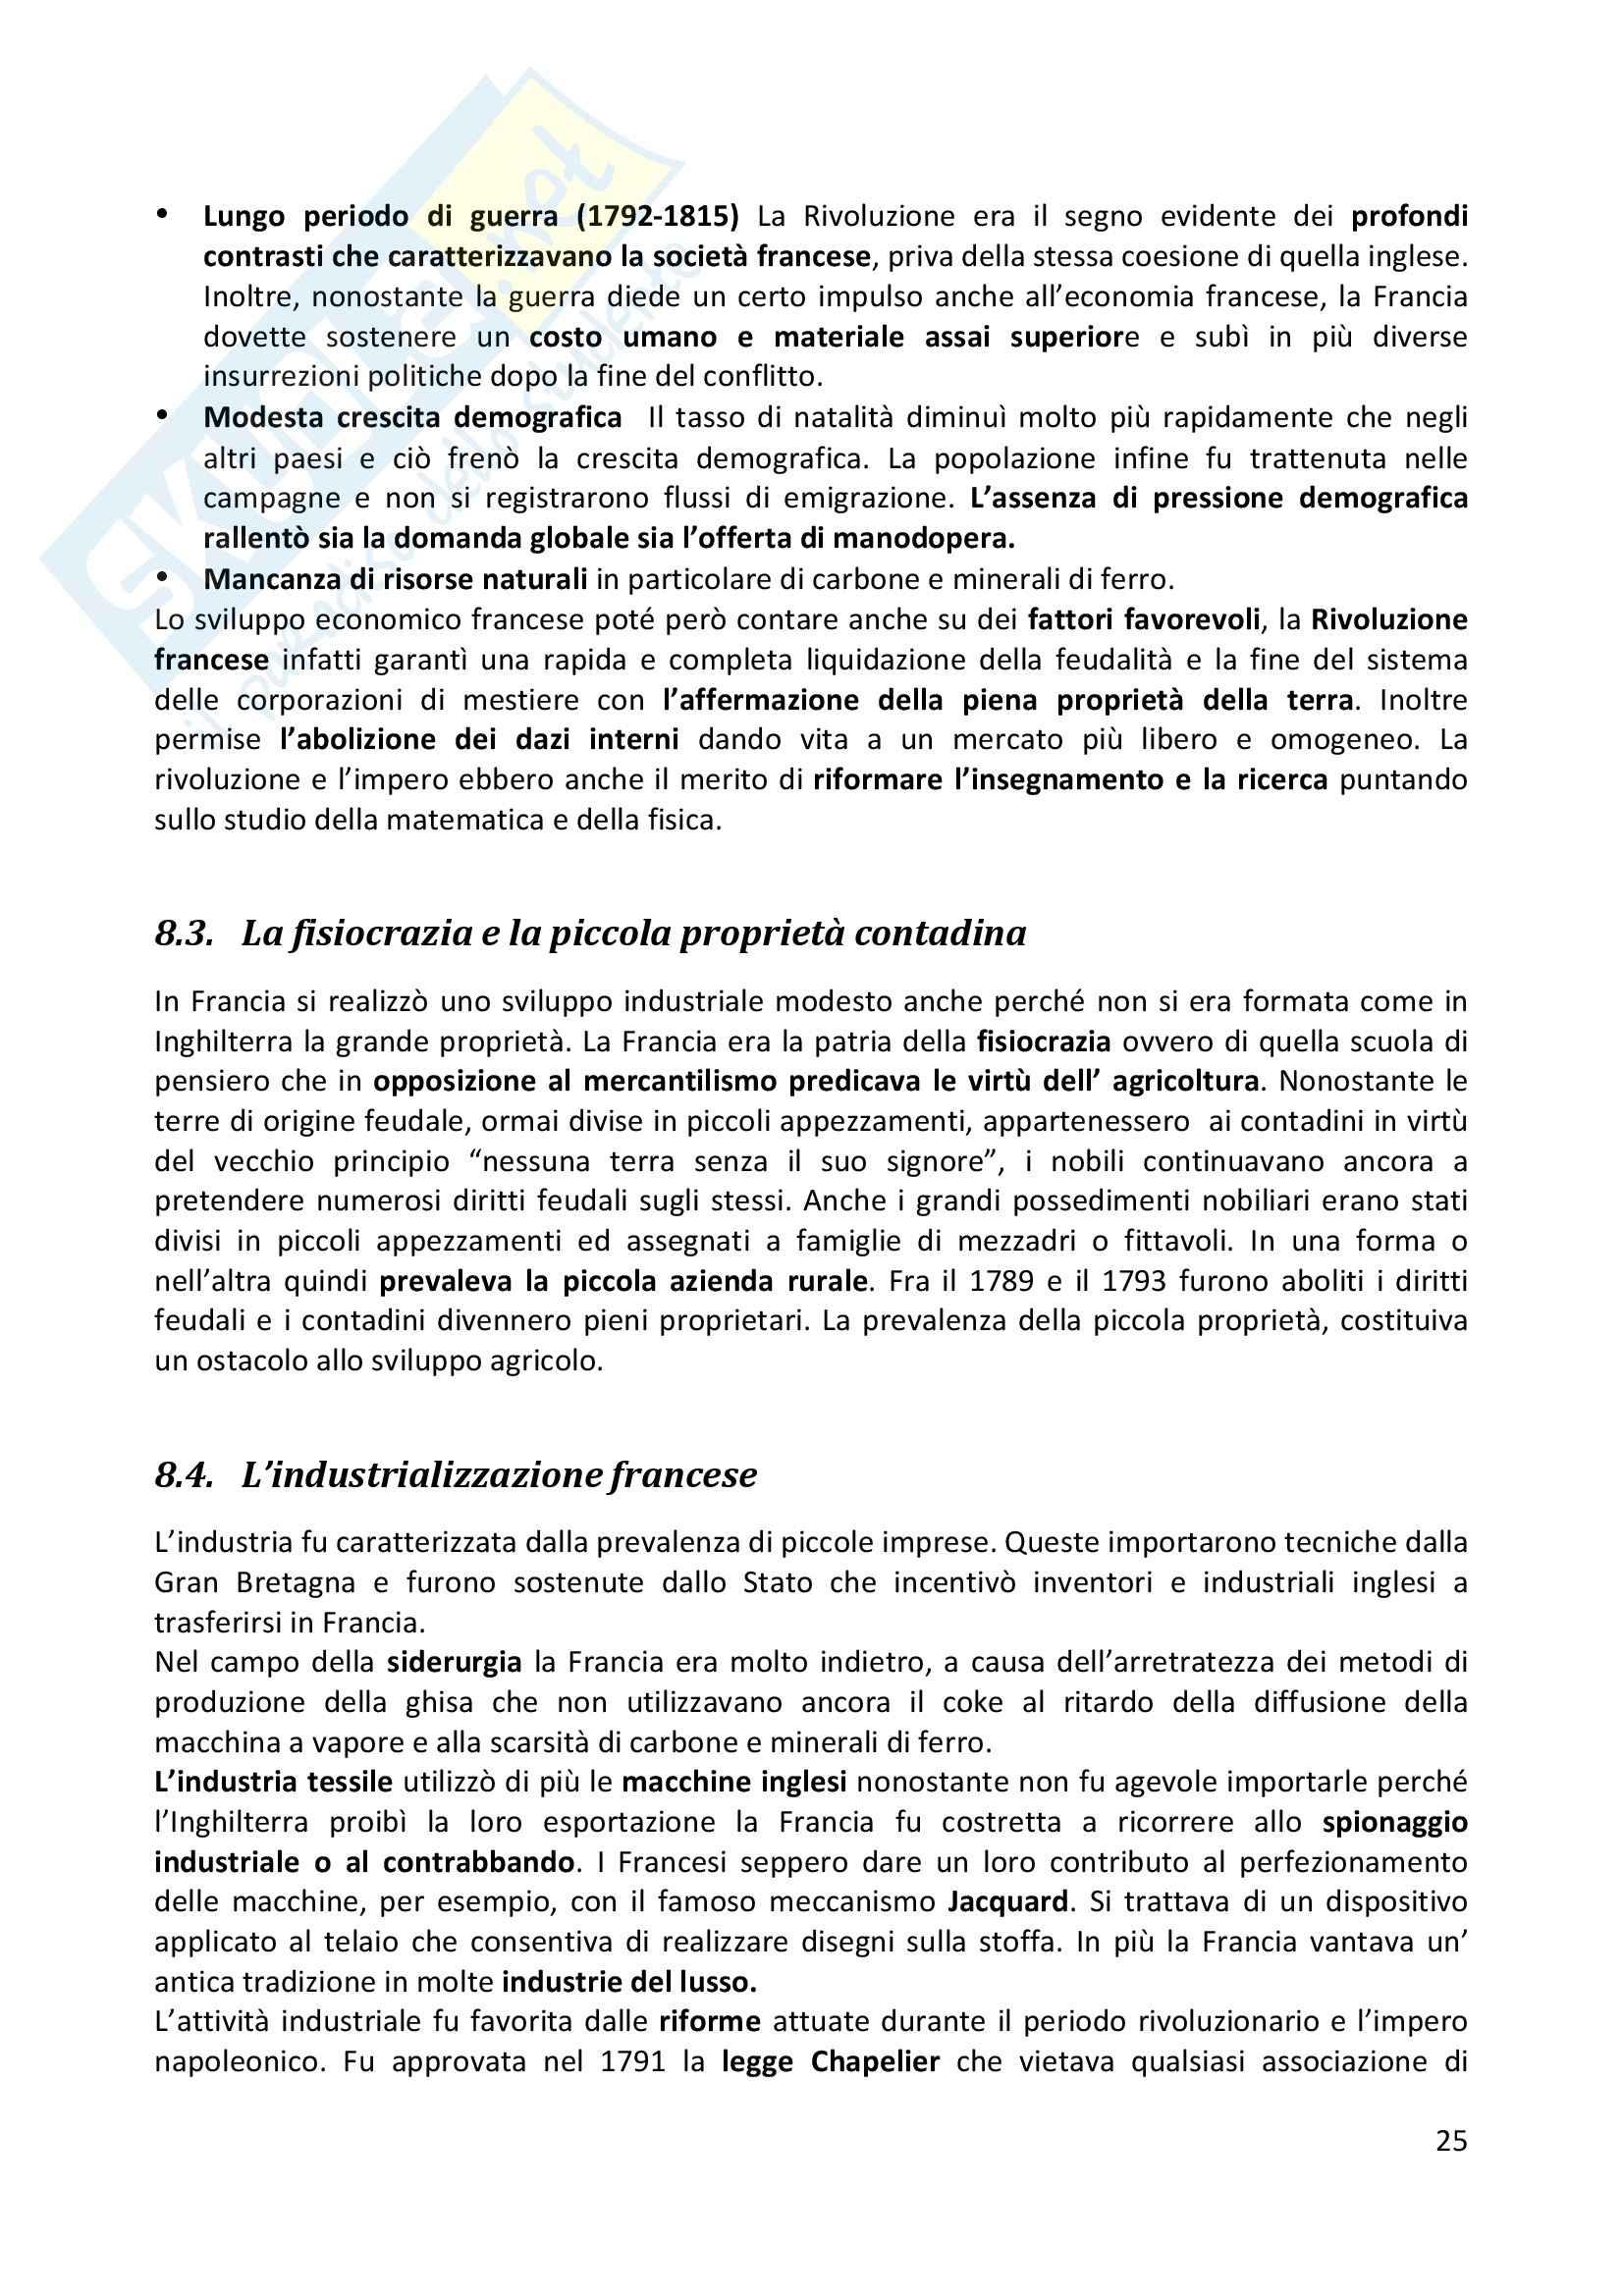 Riassunto esame completo per paragrafi- Storia Economica De Simone, prof. Di Taranto Pag. 26